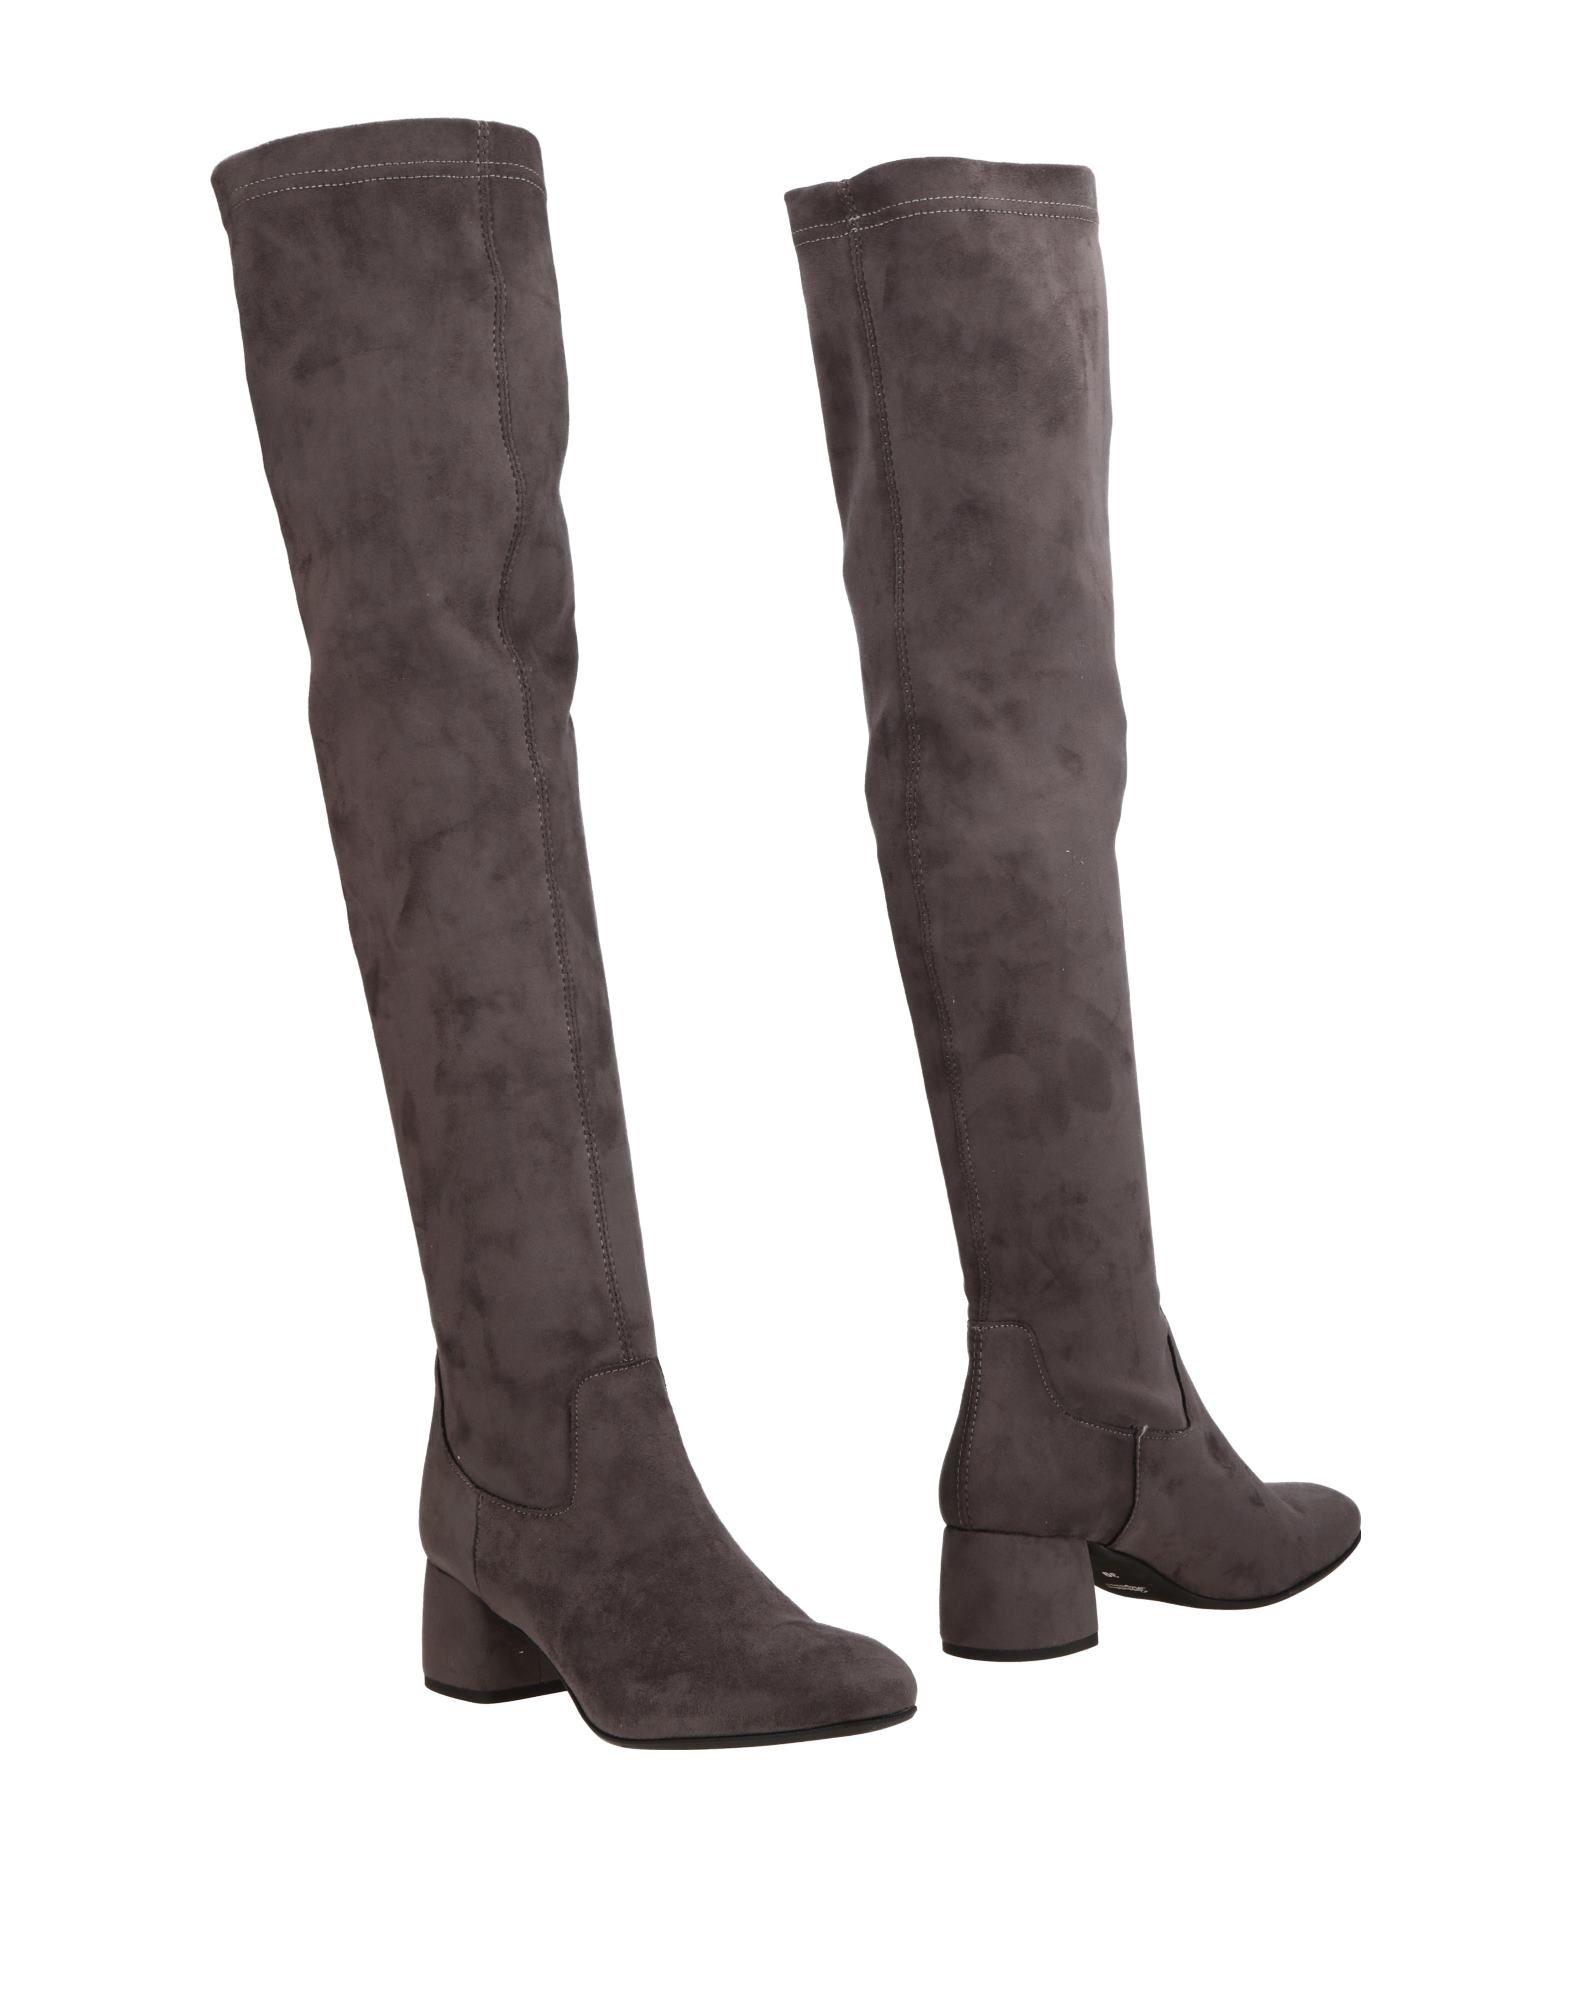 Michael Dass Stiefel Damen beliebte  11500788WT Gute Qualität beliebte Damen Schuhe 7773c6